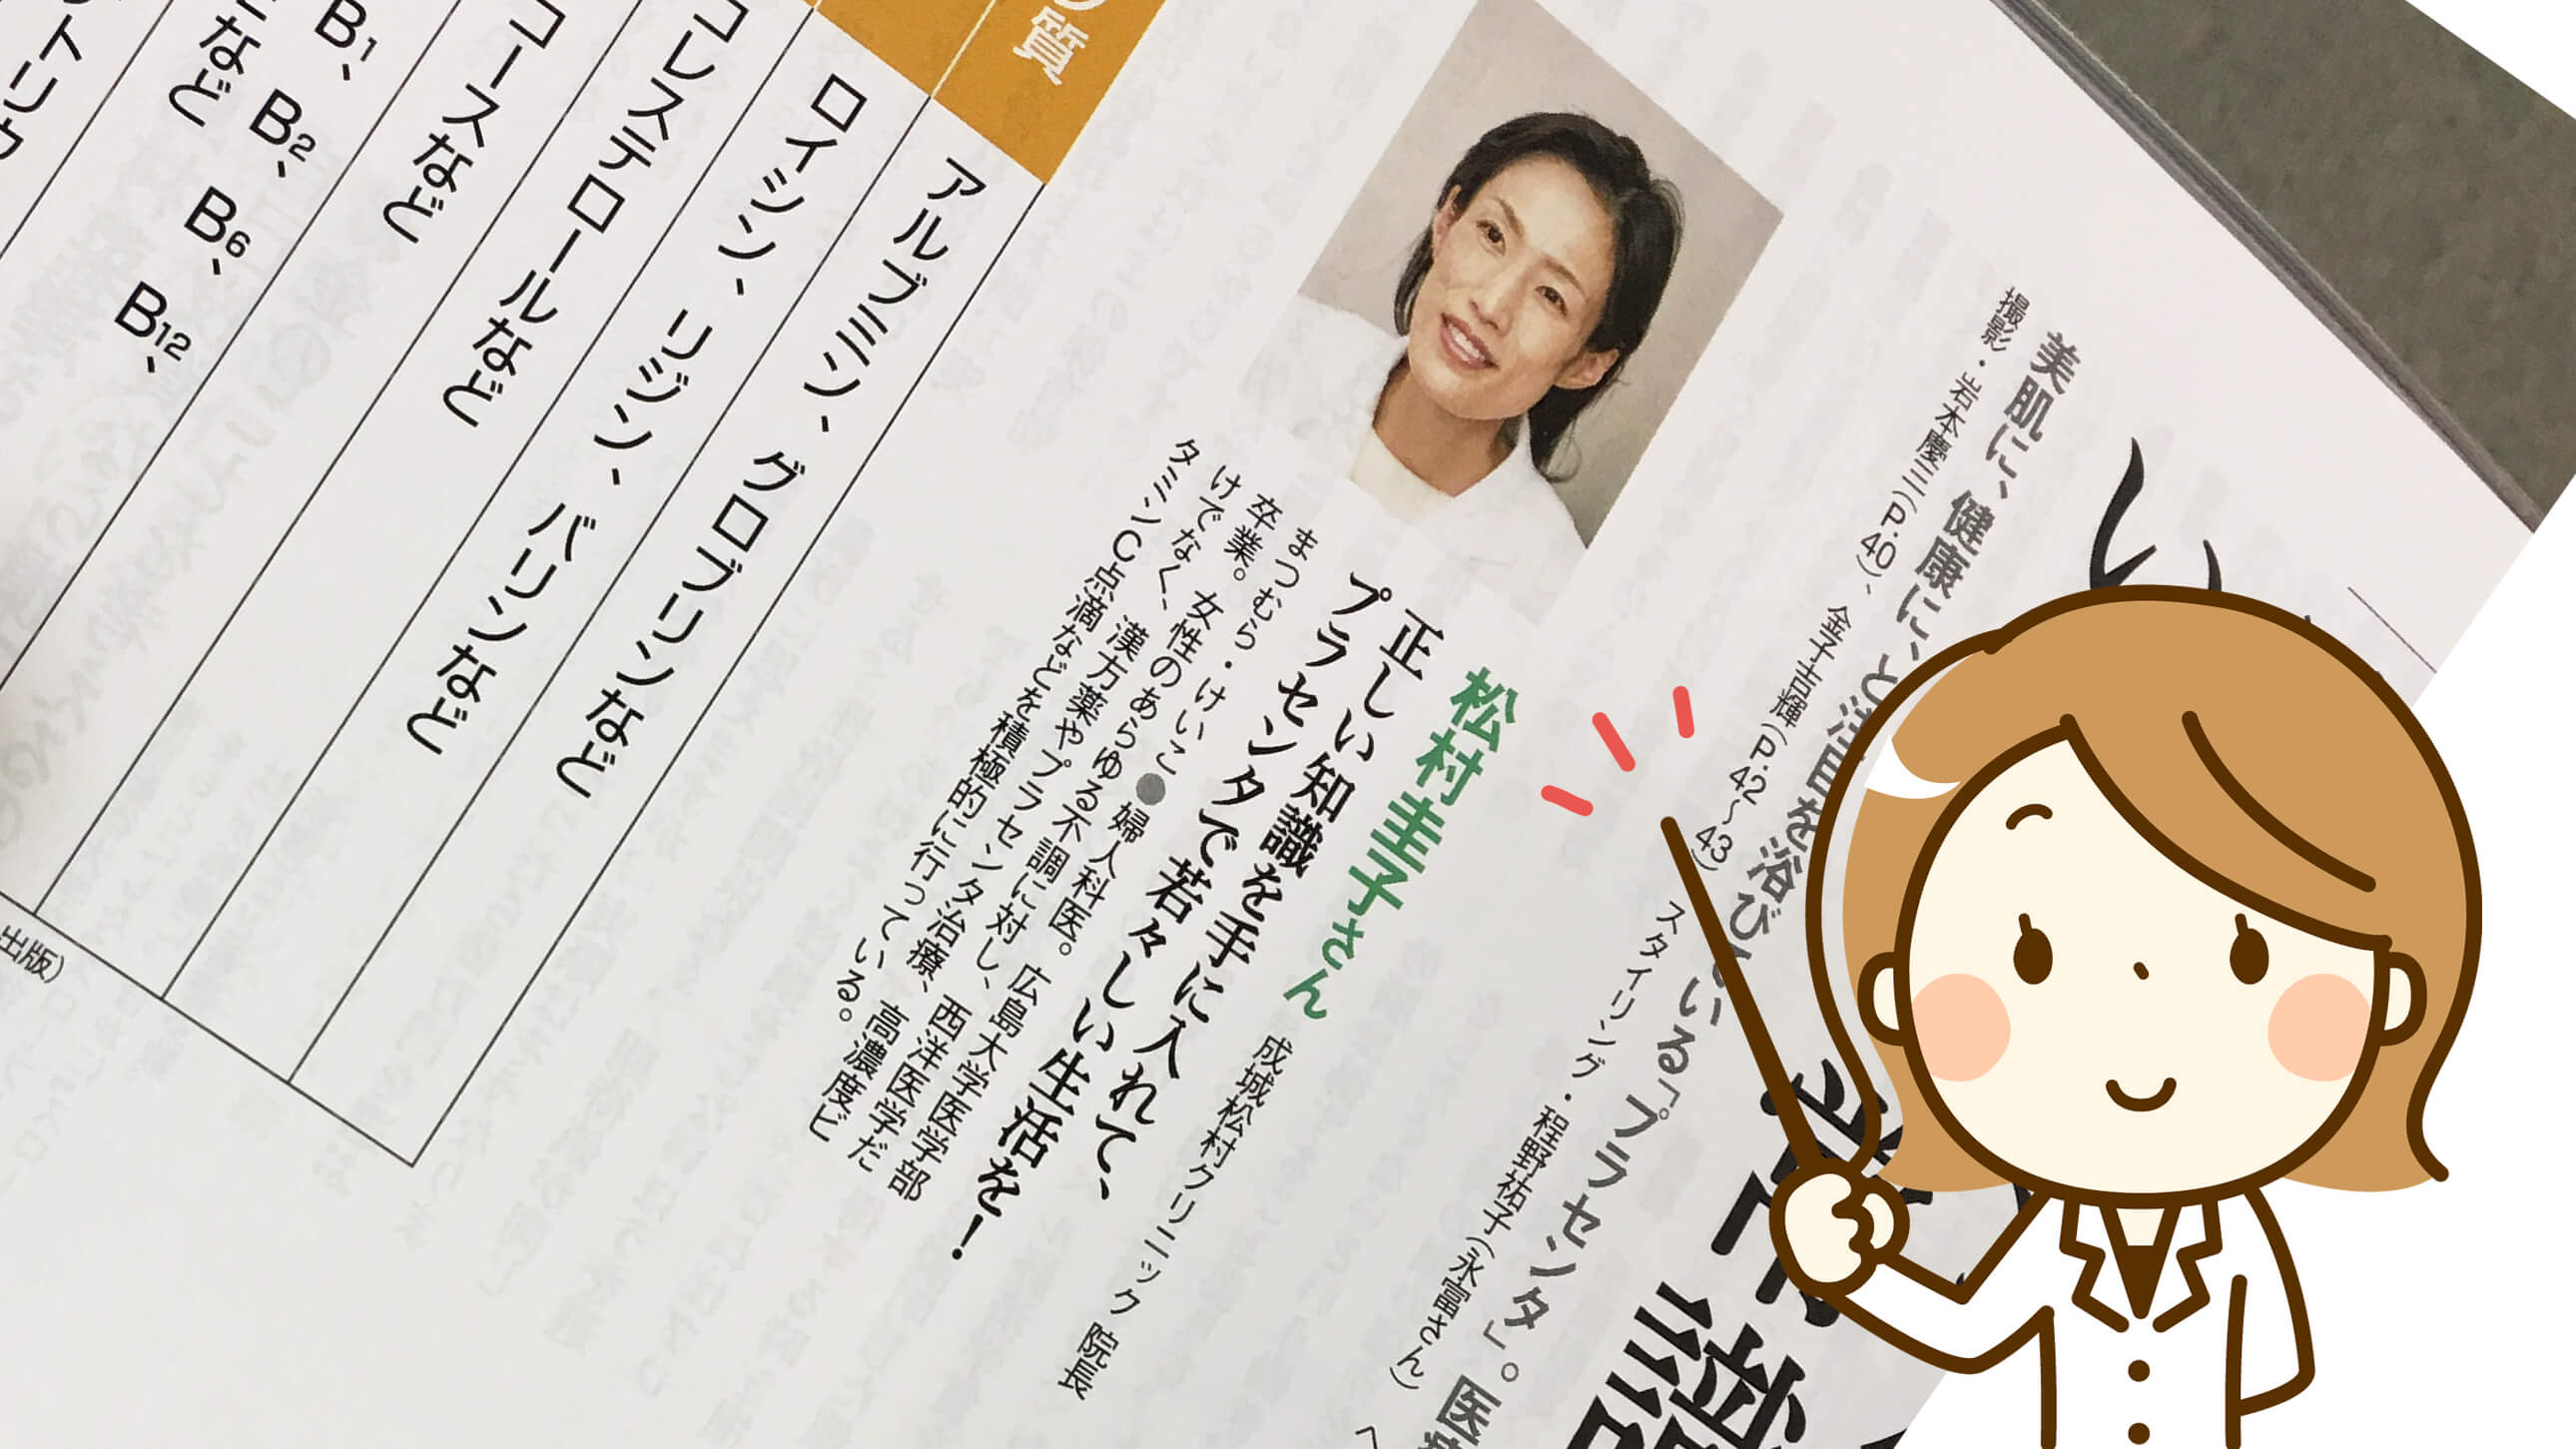 エイジングケアにプラセンタを推奨する、松村圭子医師。